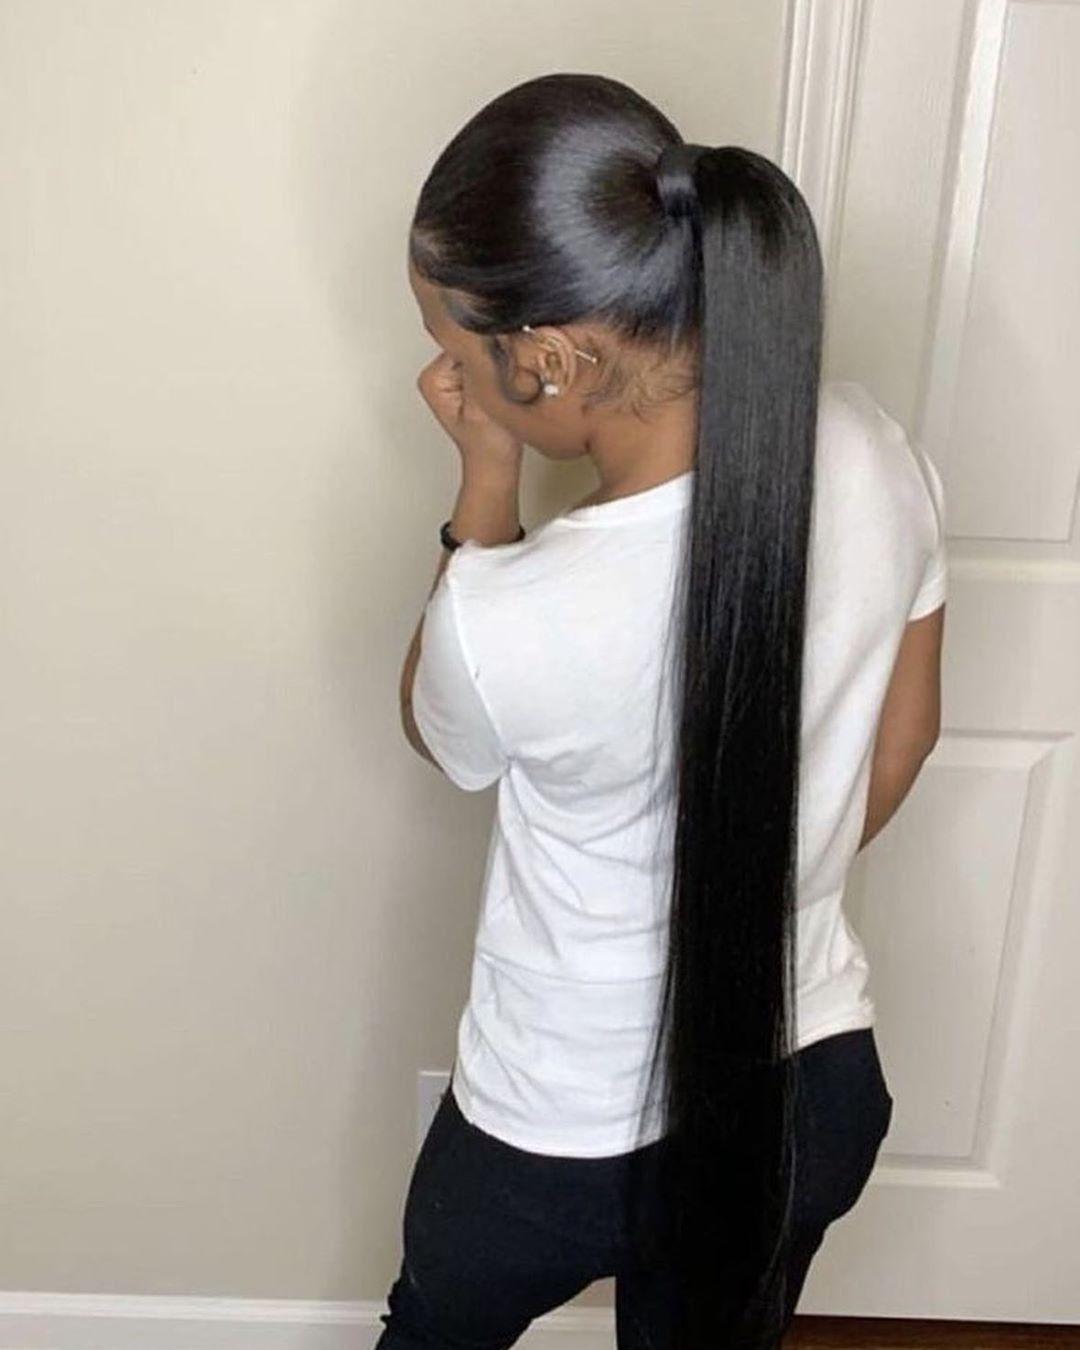 Pinterest Girly Girl Add Me For More Long Ponytail Hairstyles Hair Ponytail Styles Long Hair Styles